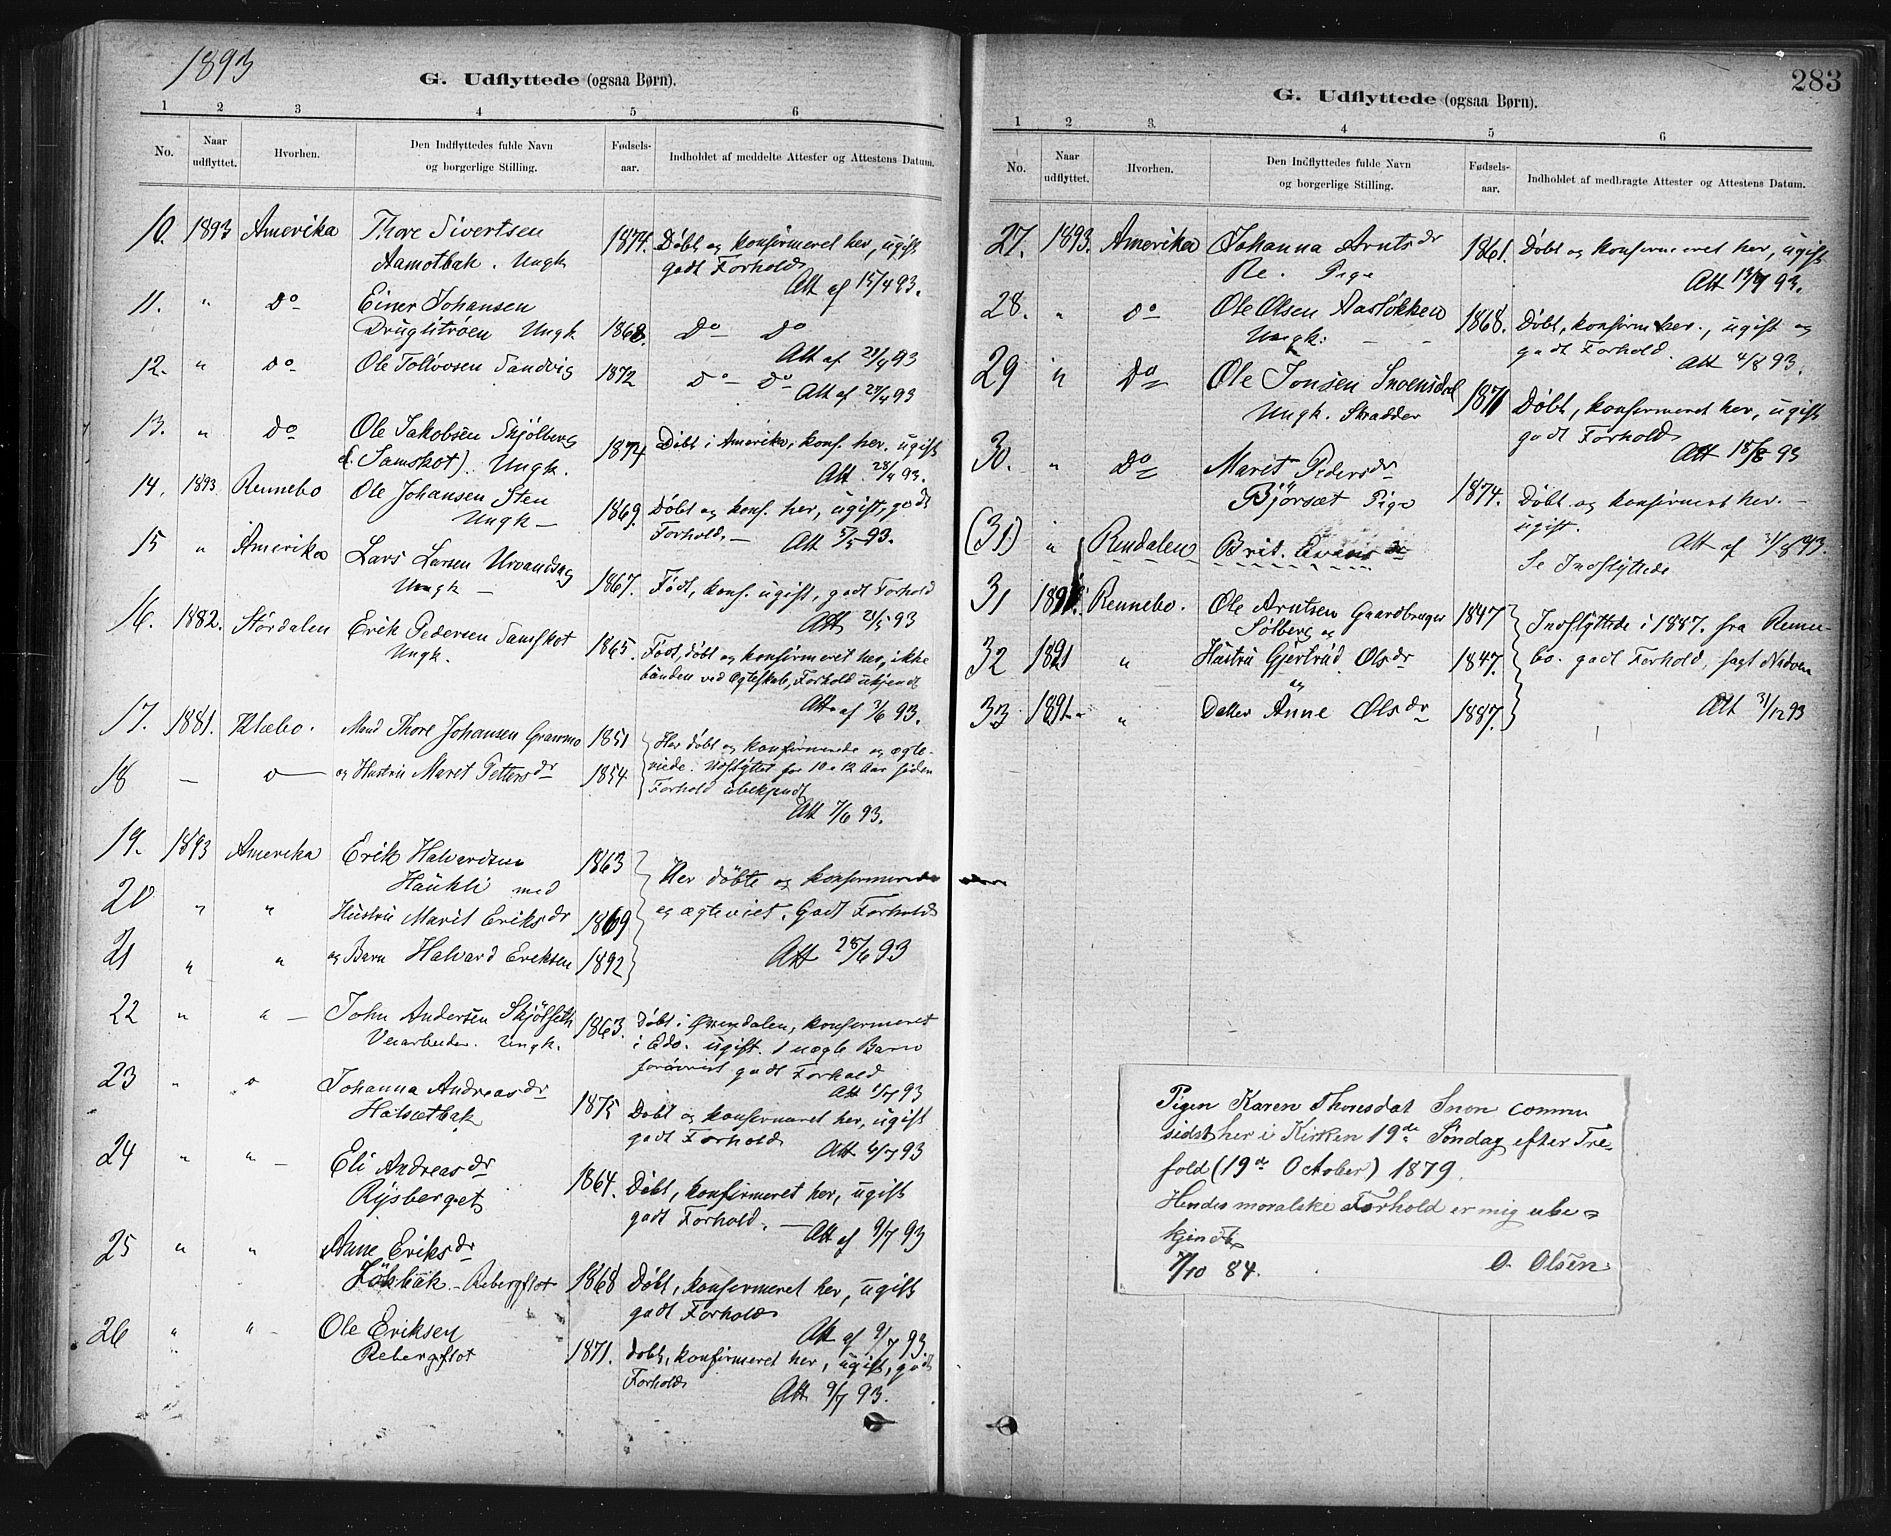 SAT, Ministerialprotokoller, klokkerbøker og fødselsregistre - Sør-Trøndelag, 672/L0857: Ministerialbok nr. 672A09, 1882-1893, s. 283